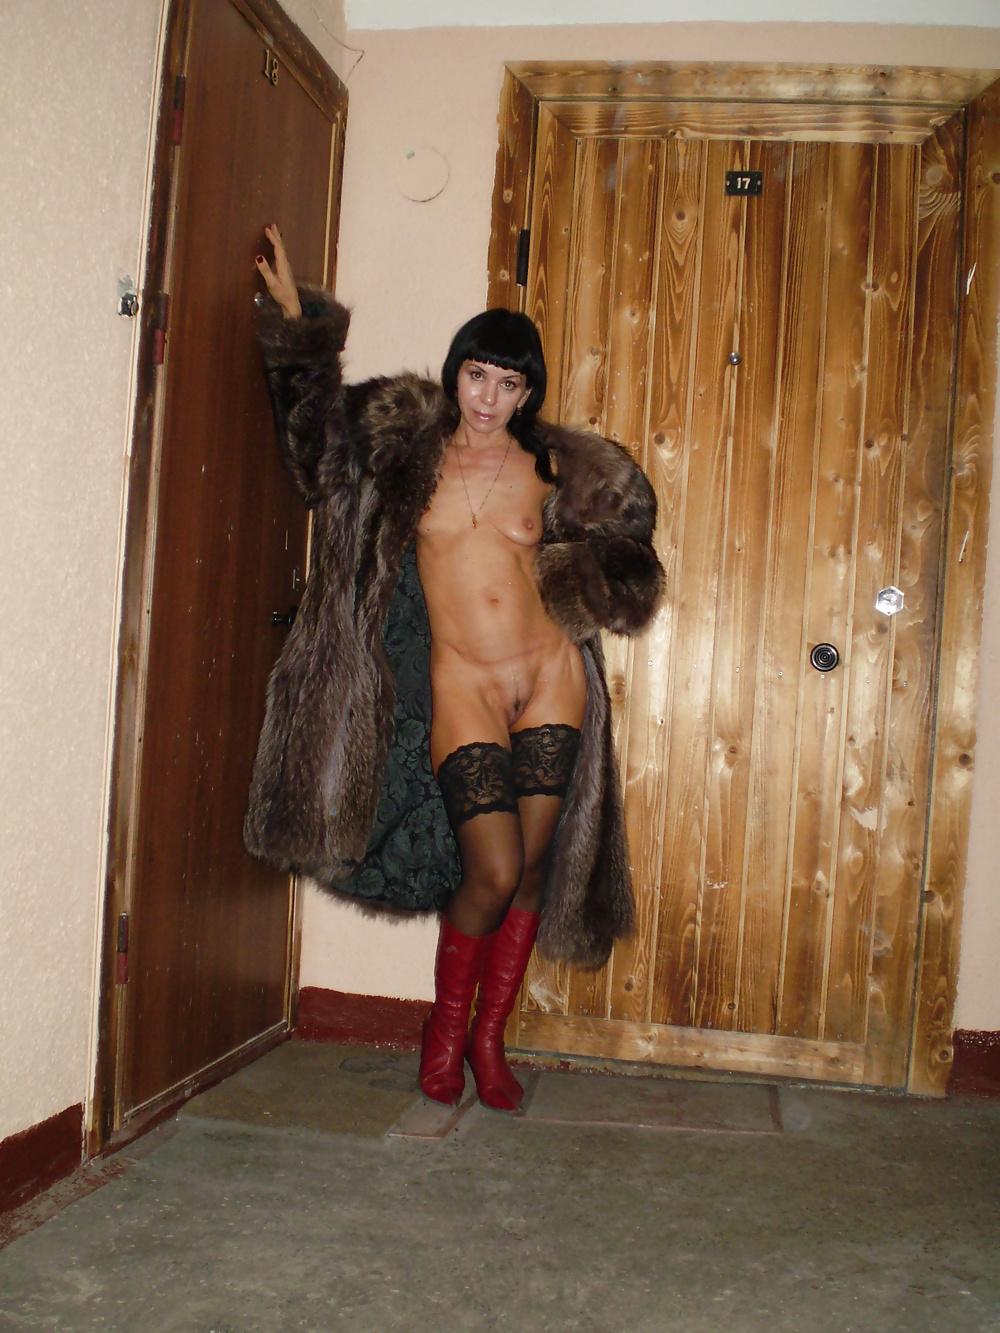 Фото голой жены в подъезде зимой, страпон купить анальный